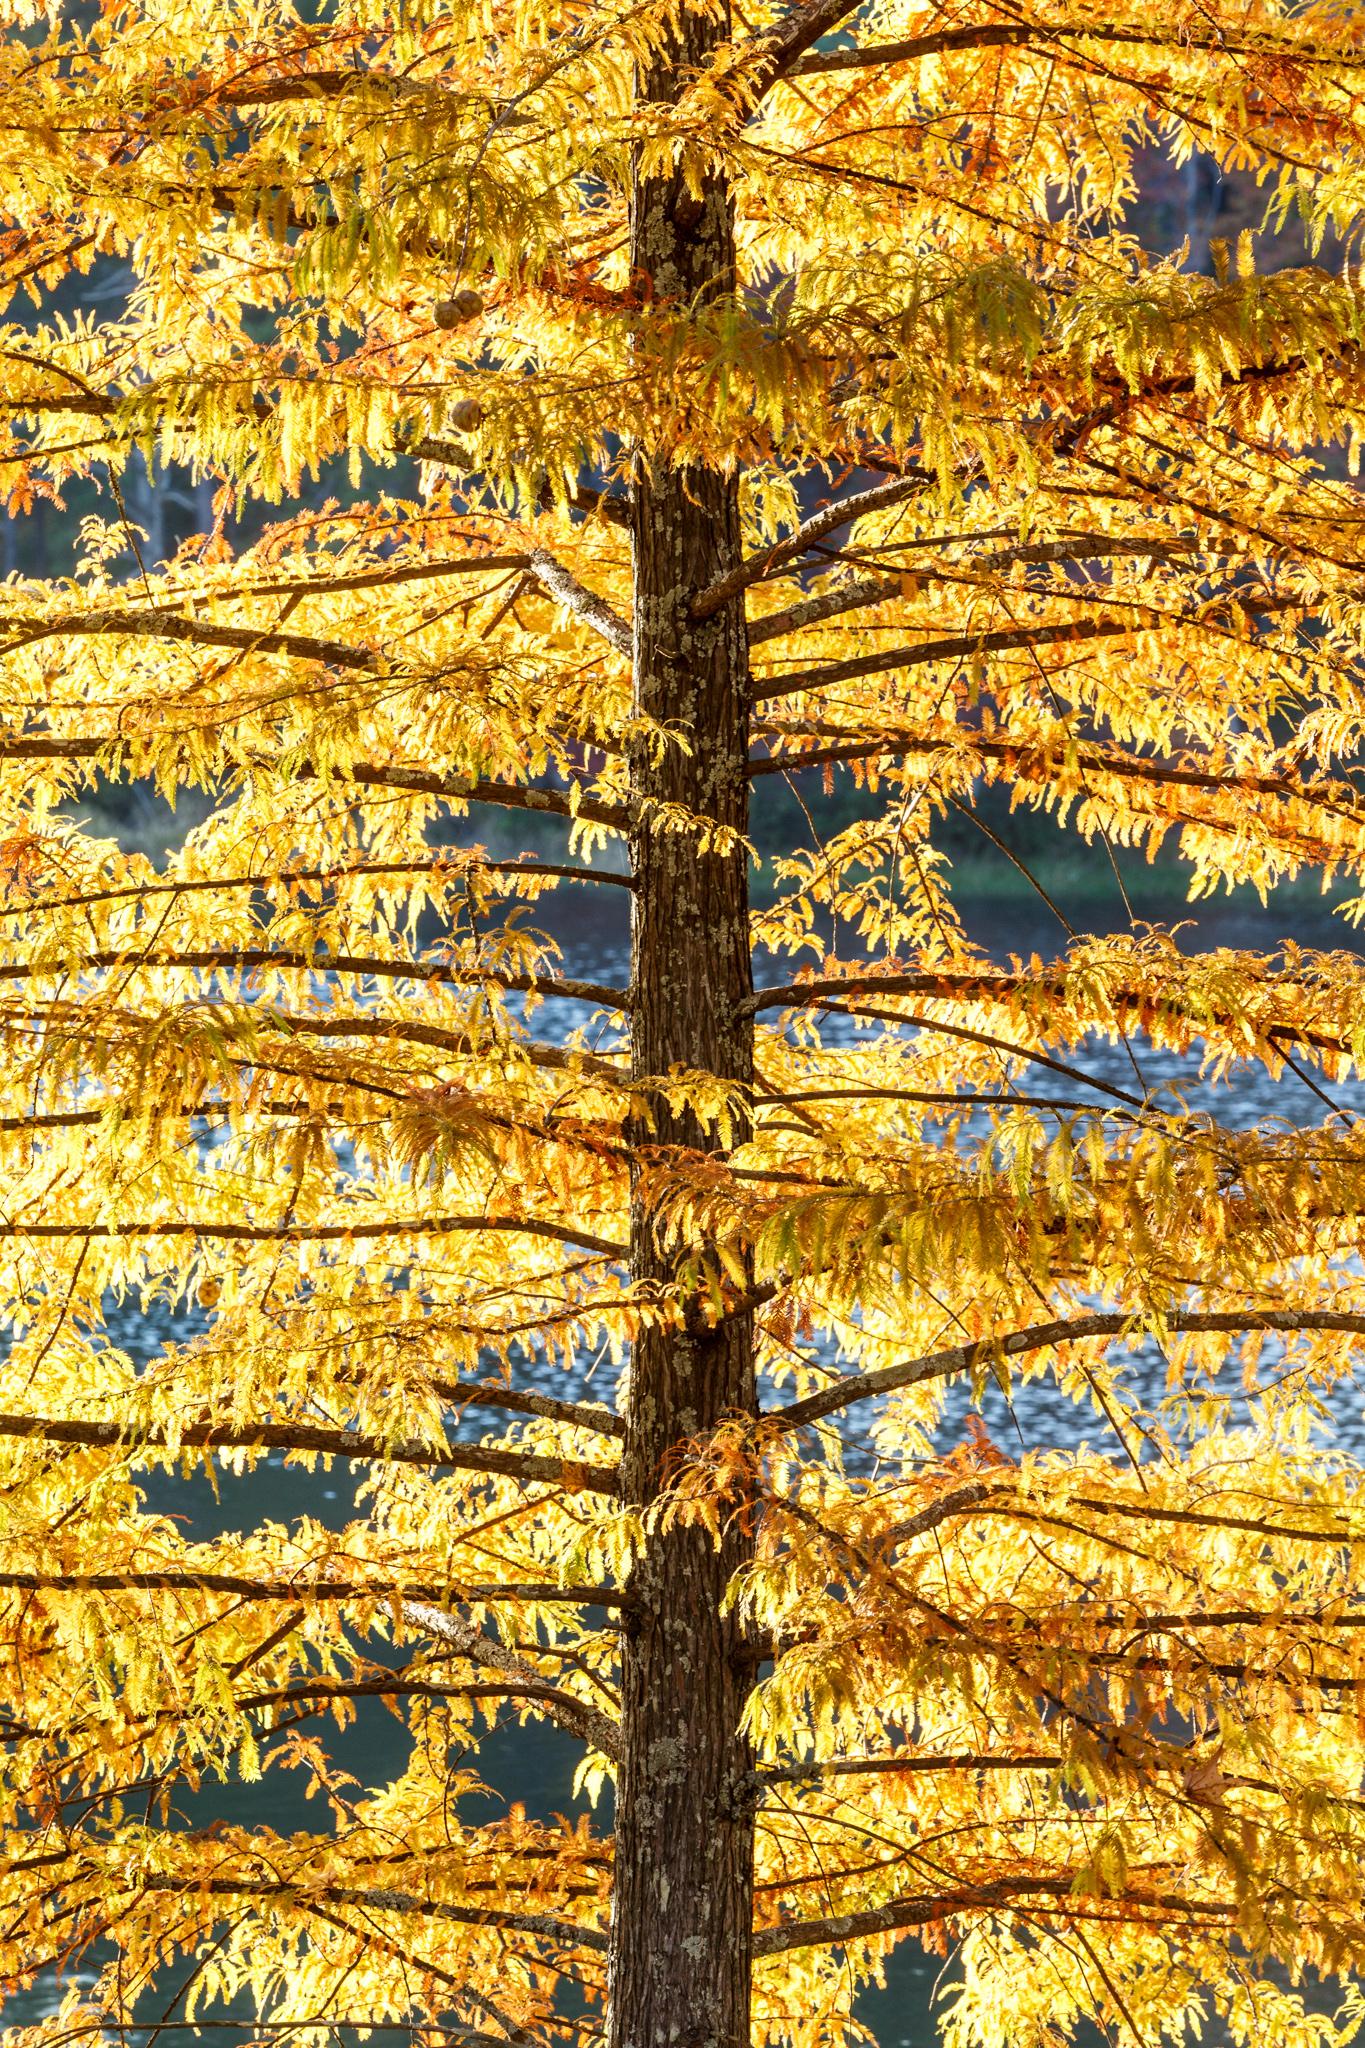 East Texas Autumn